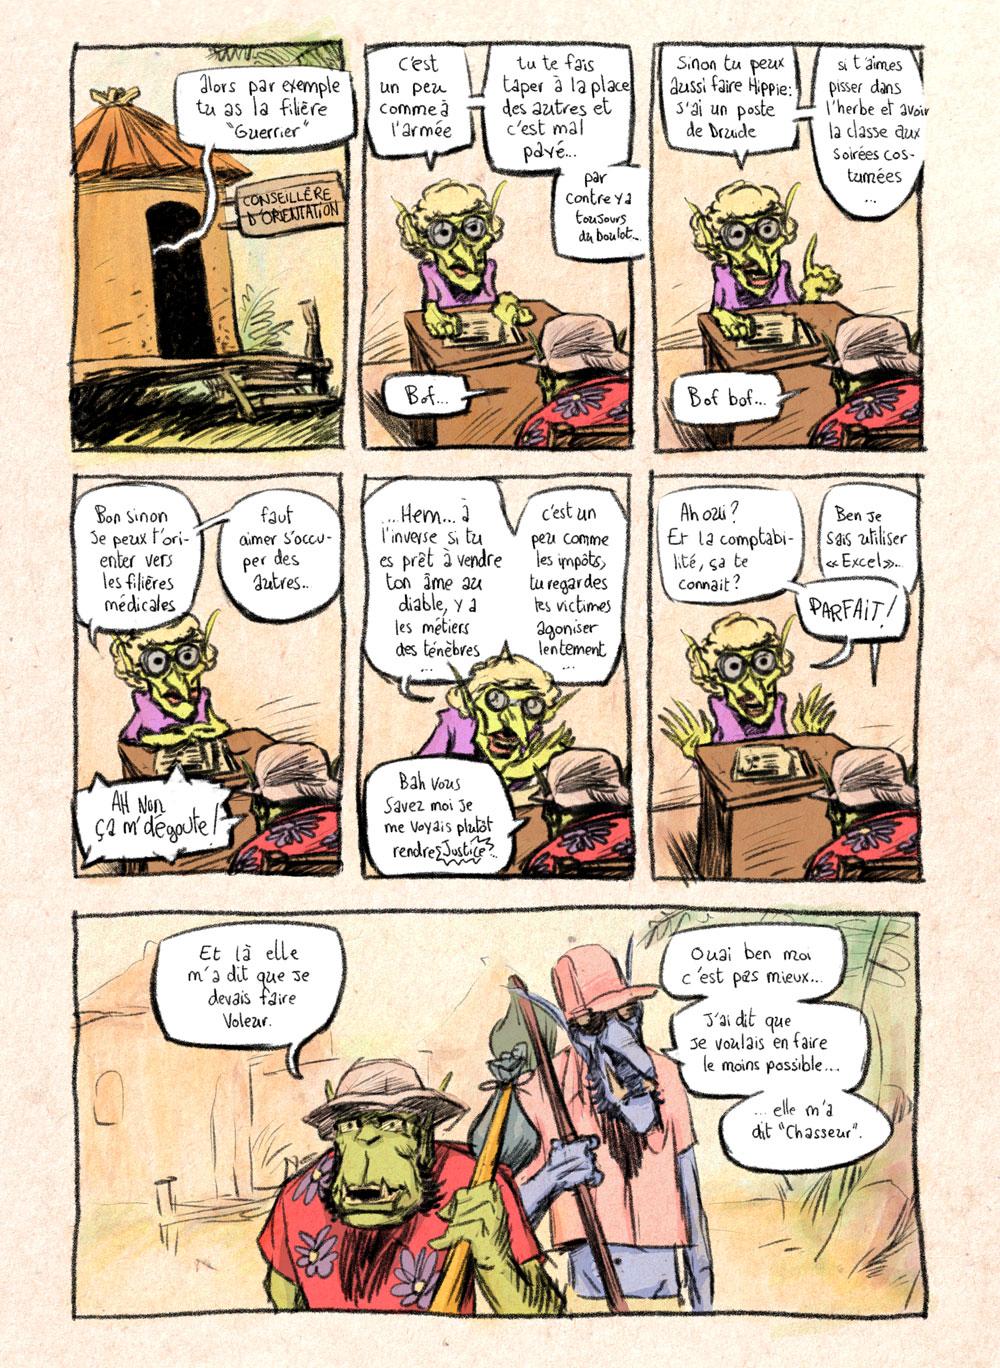 Aventures de Stevostin, tome 1 : La Porte Sombre. Planche 13.